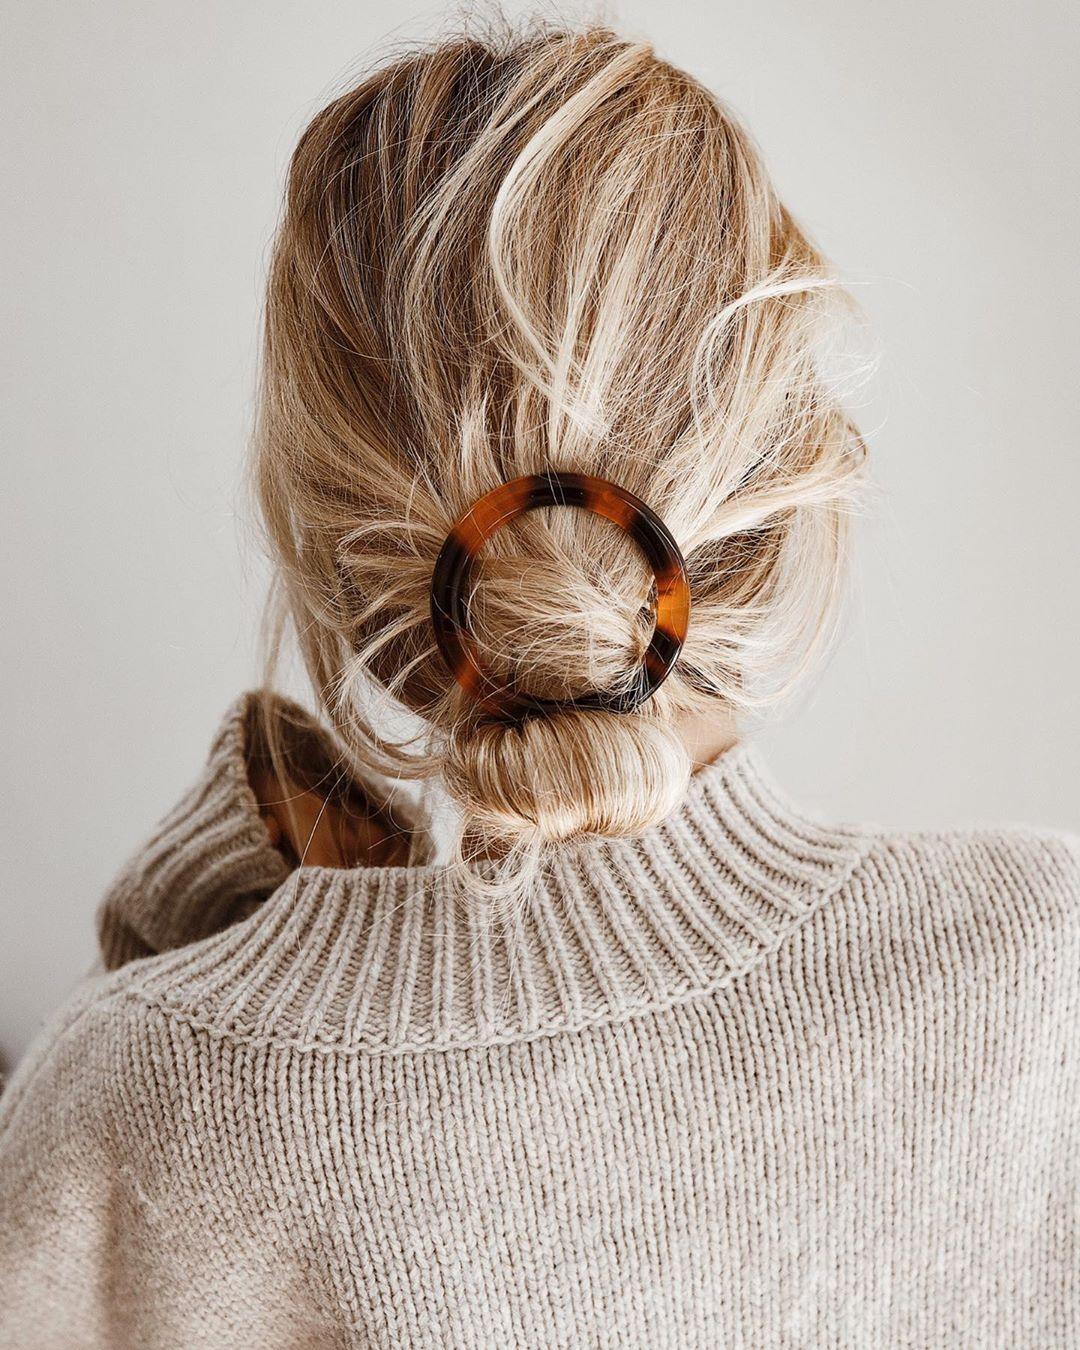 Praktična frizura gotova u nekoliko trenutaka